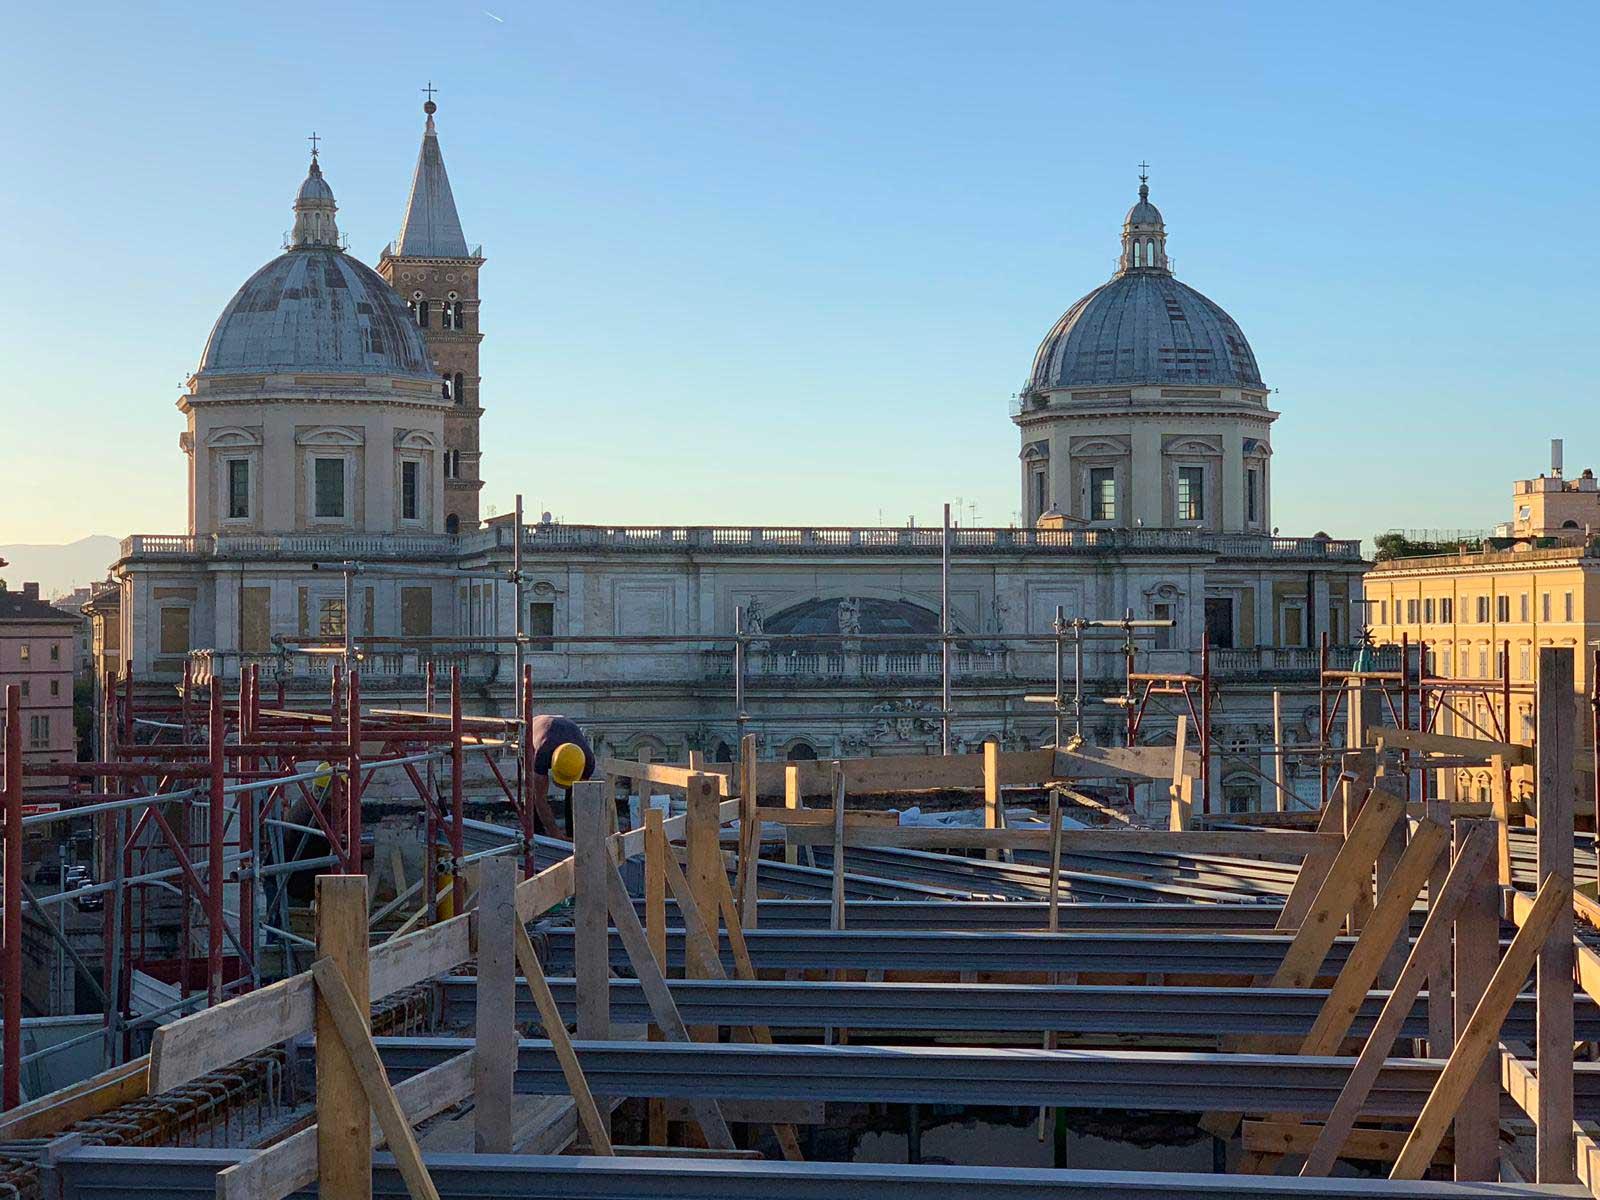 Demolizione e ricostruzione solaio attico e ristrutturazione Hotel Commodore